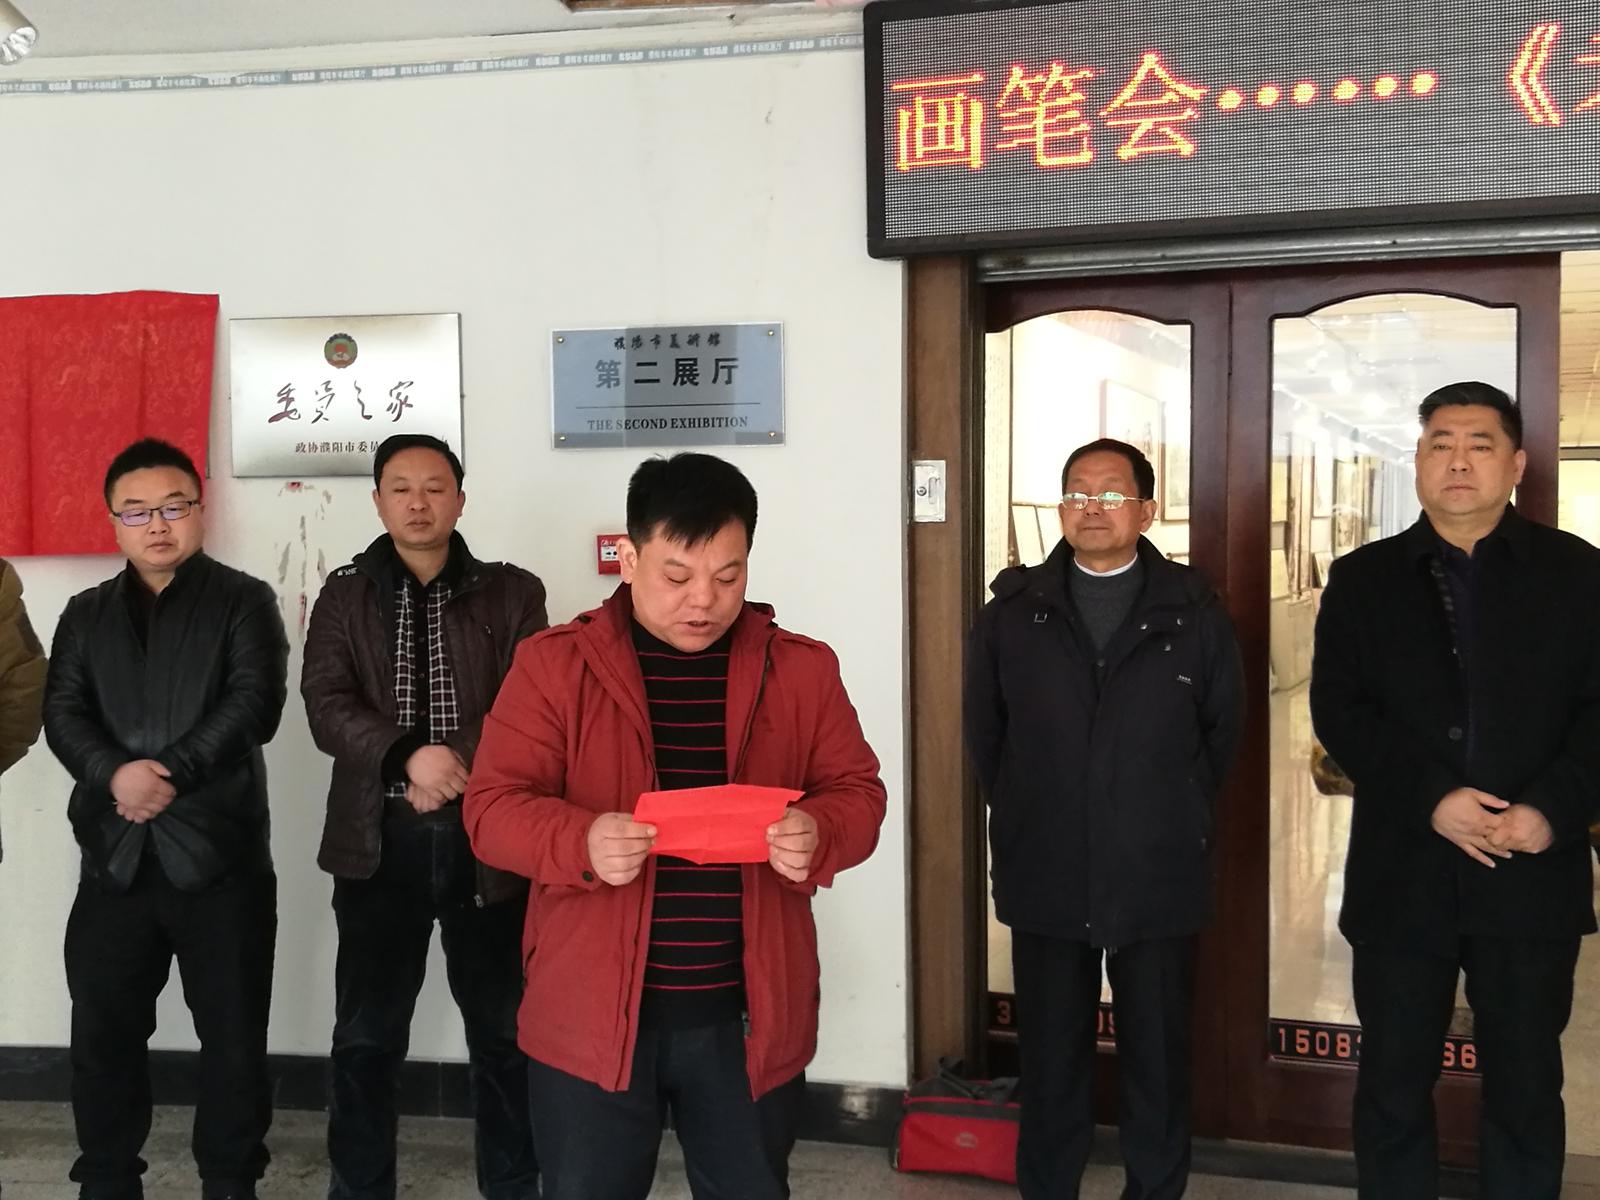 濮阳书画院艺术交流中心主任晁国力先生致辞